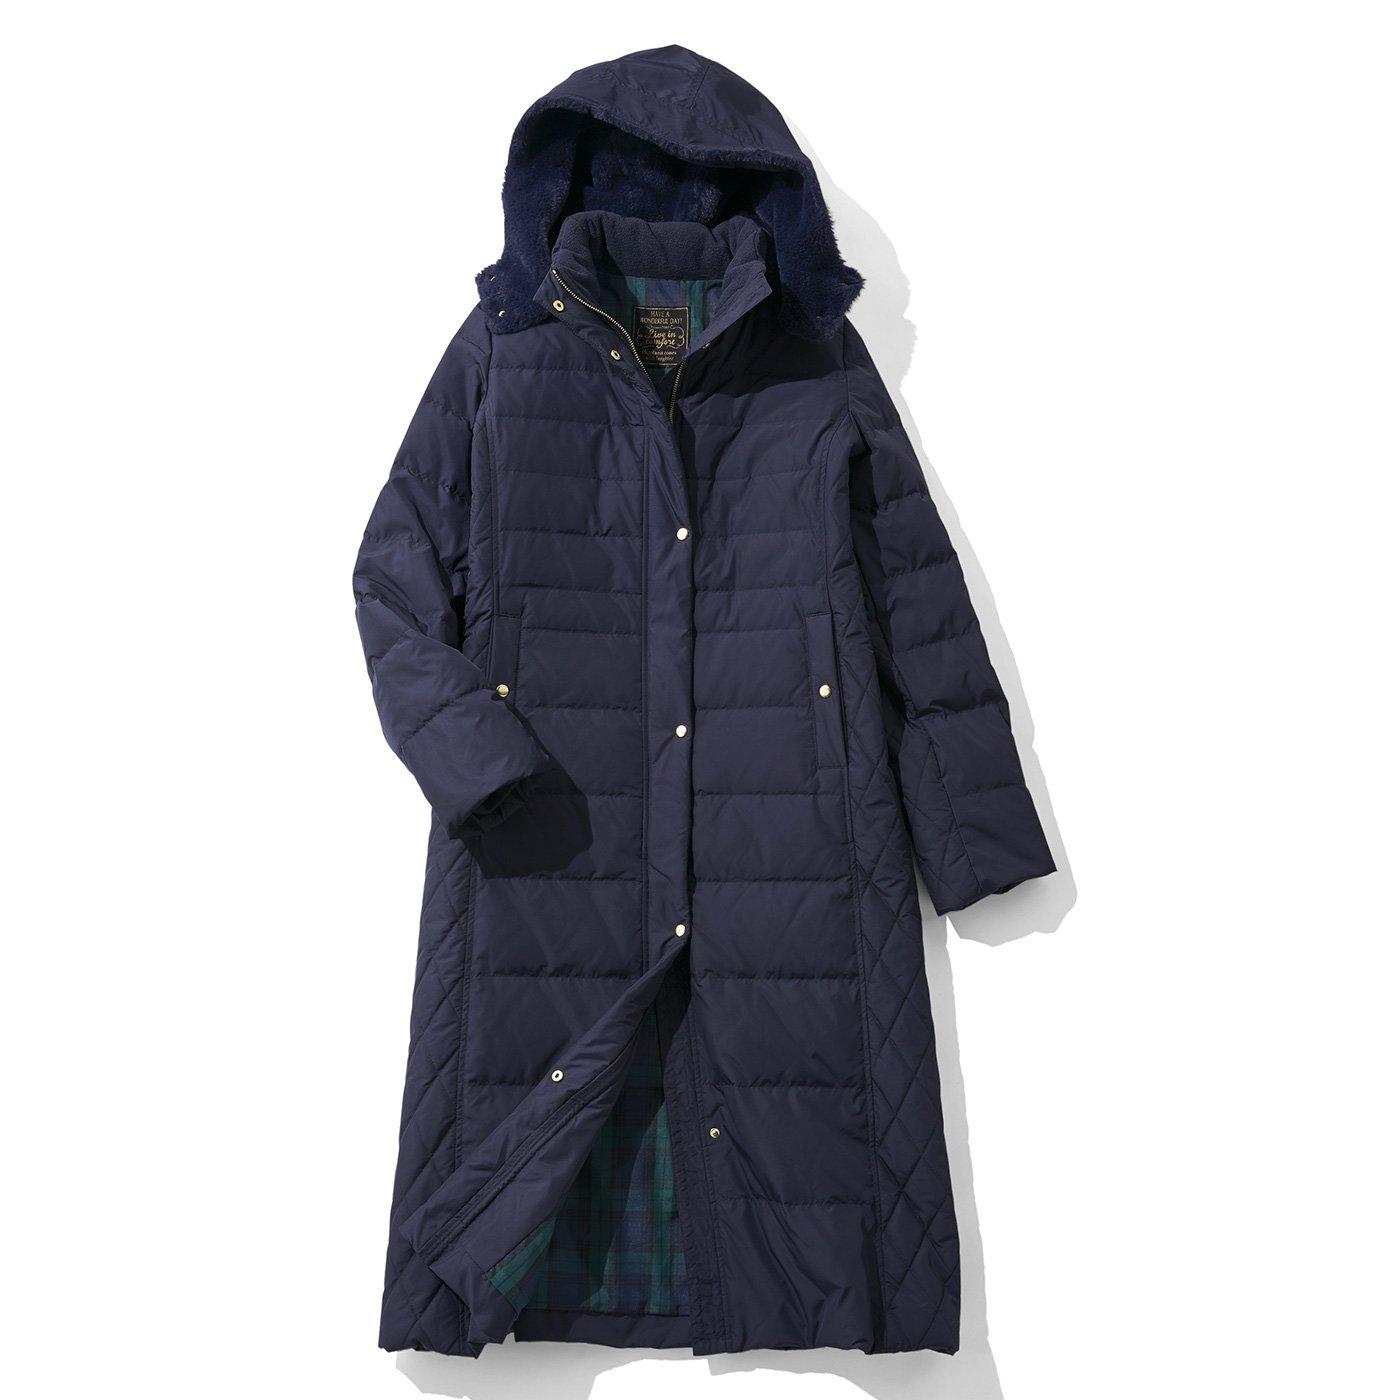 リブ イン コンフォート 寝袋級の暖かさ! サイドキルティングの超ロングダウンコート〈ネイビー〉